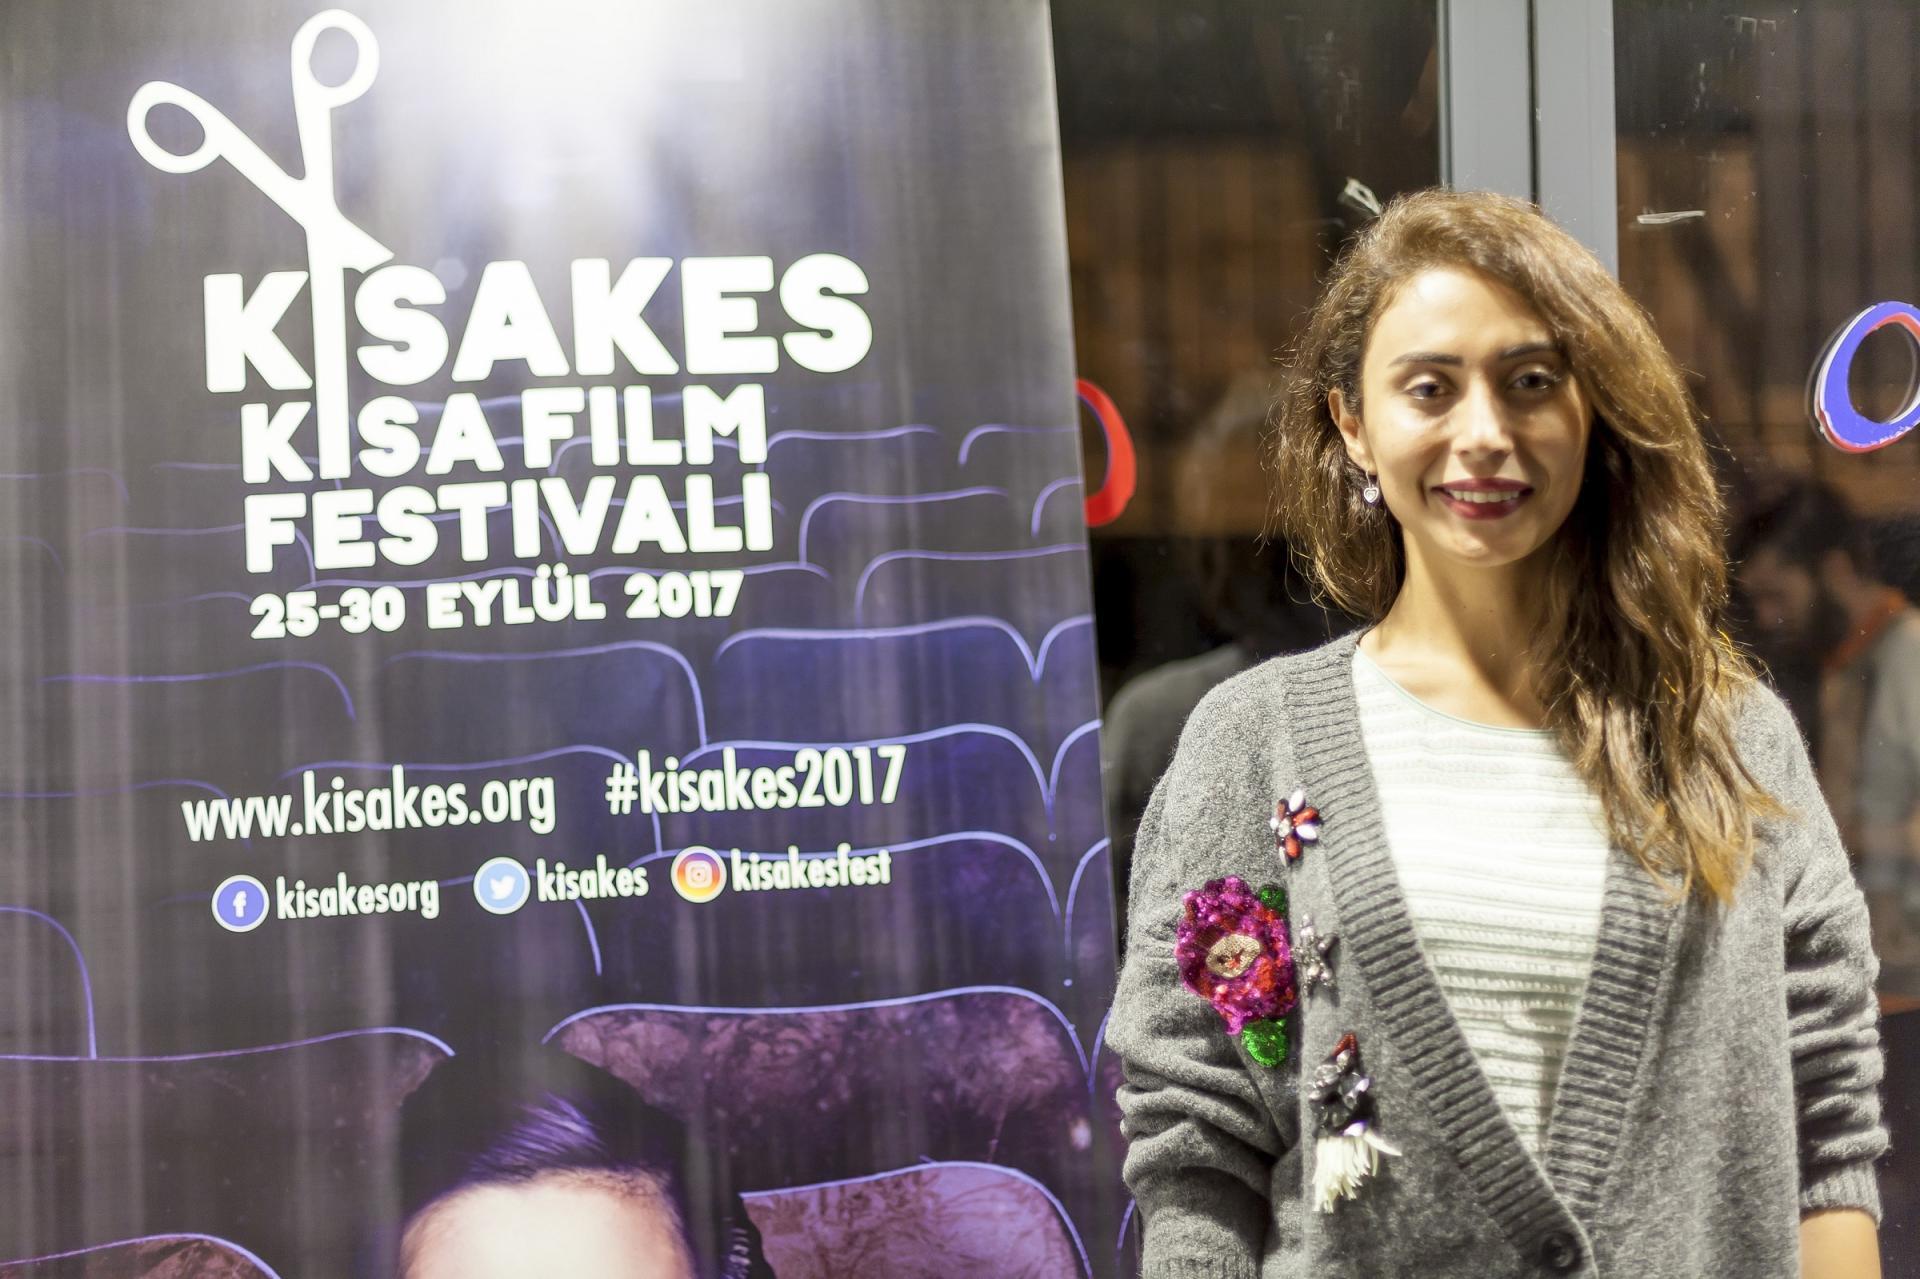 Suriyelilerin dramını anlatan film ödül aldı